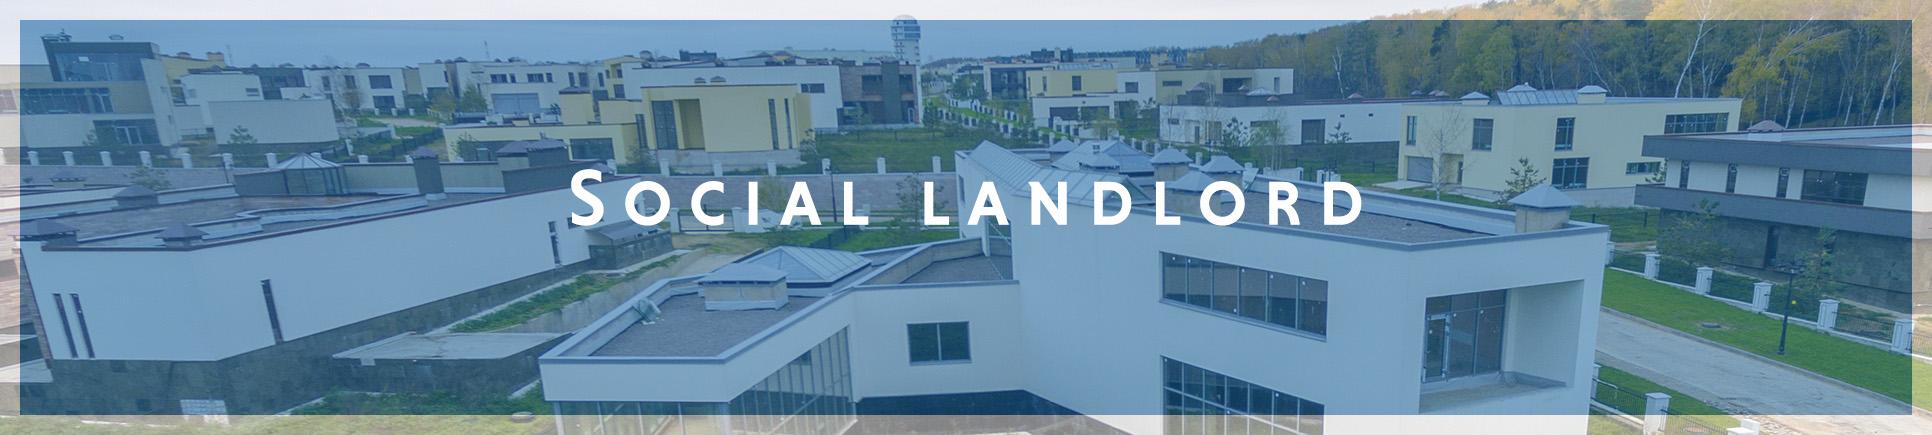 SOCIAL LANDLORD - Teeo